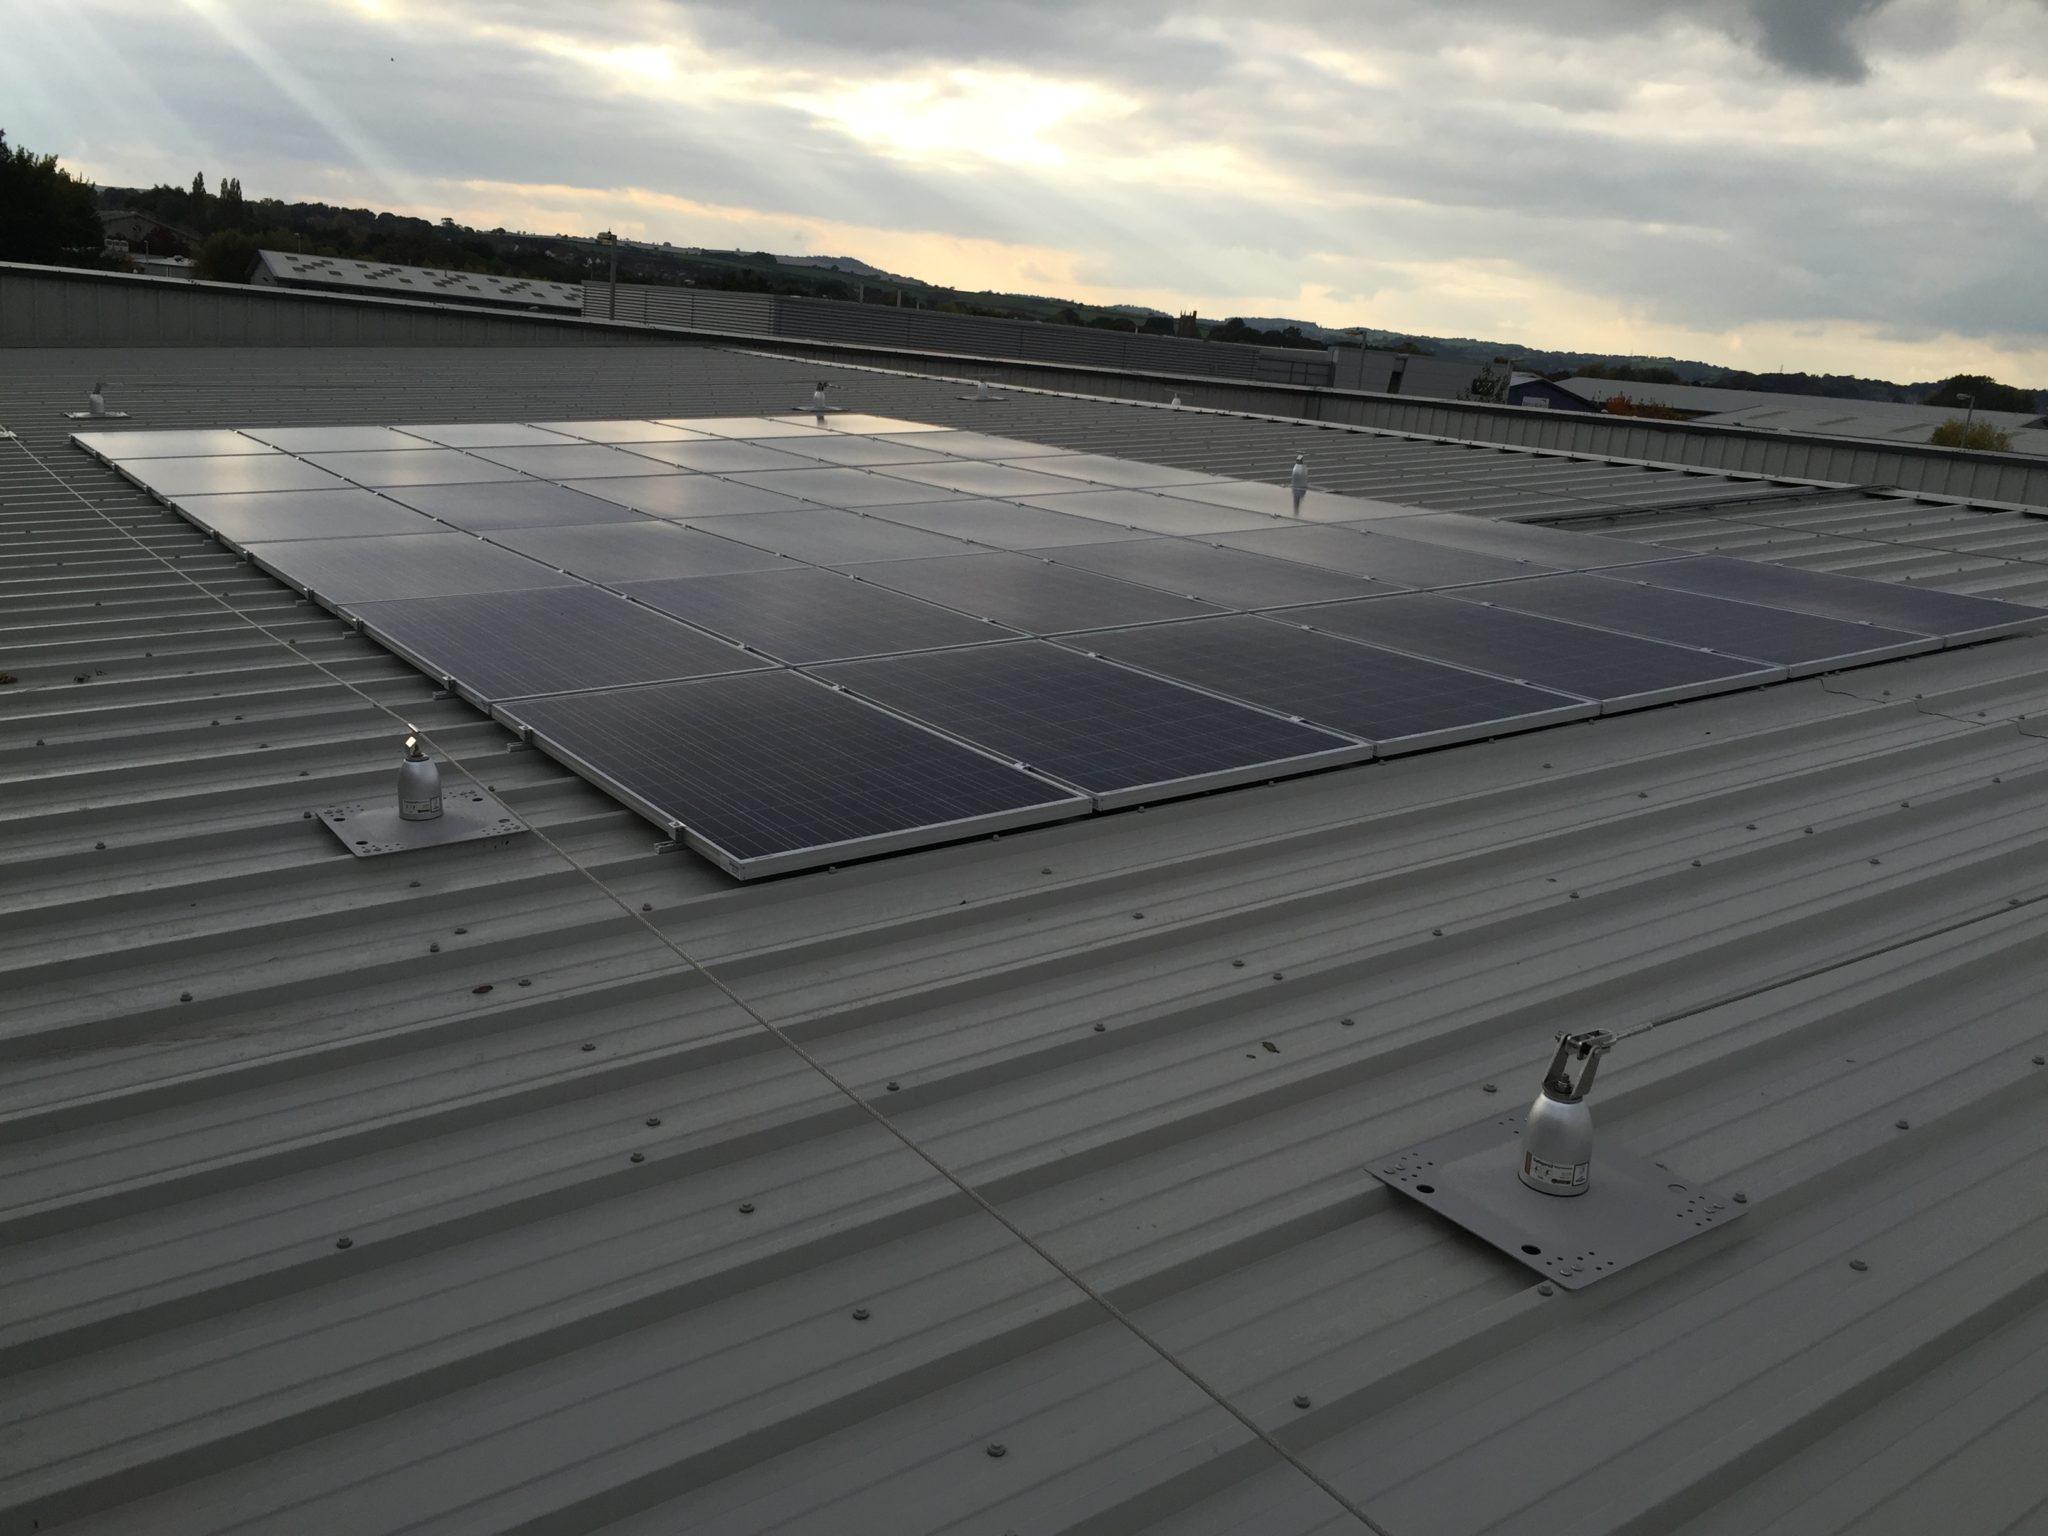 A 9kW solar PV installation.